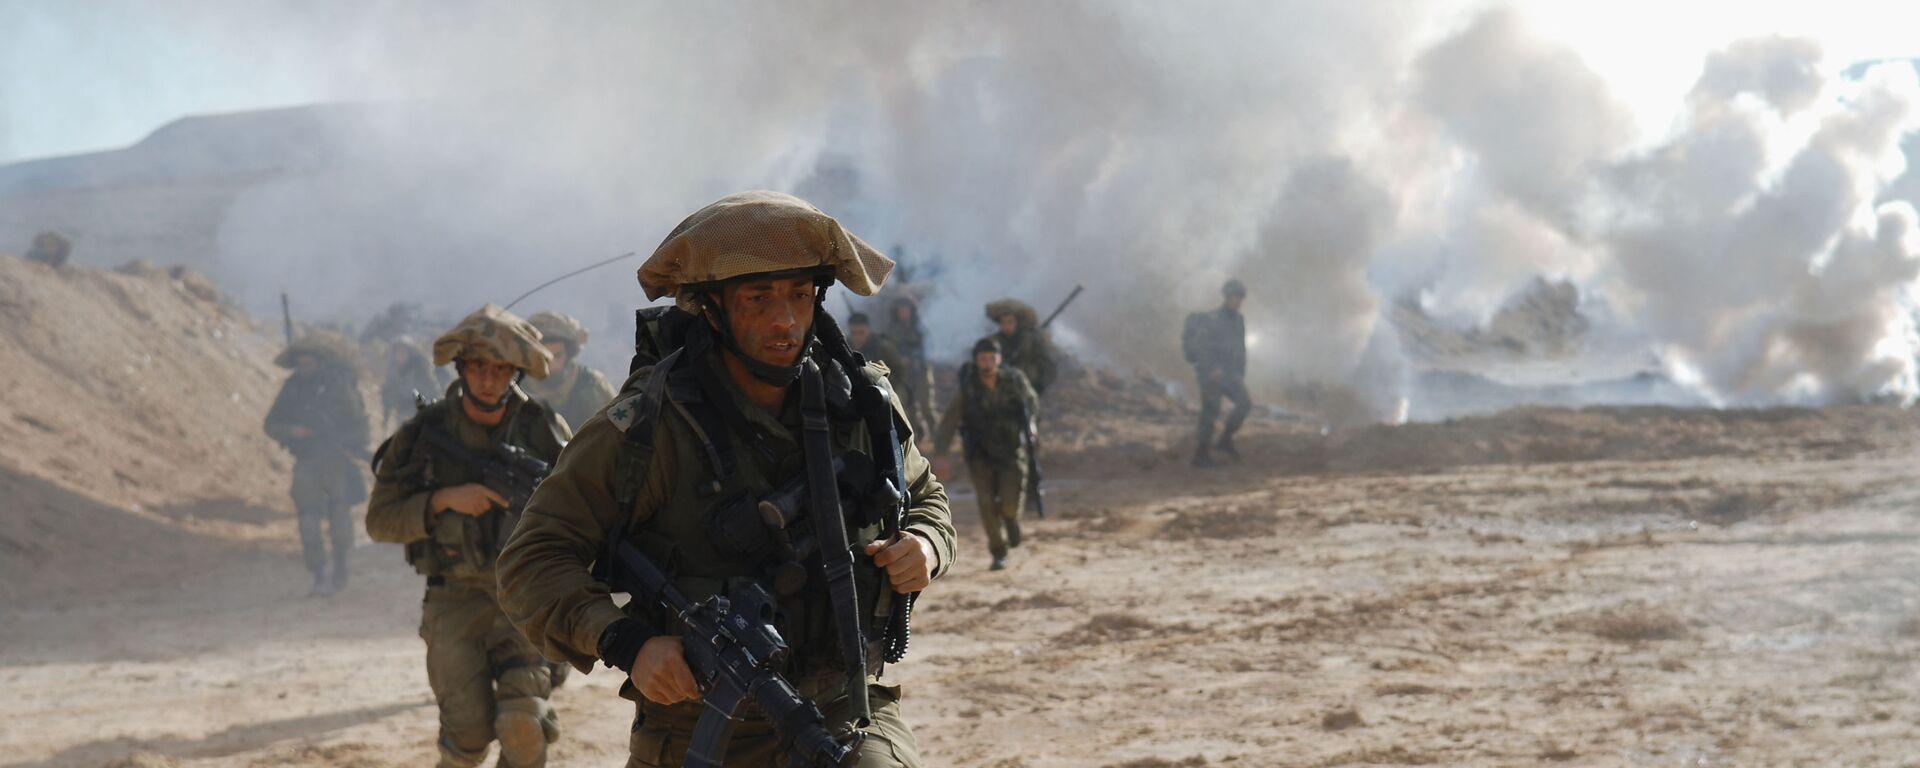 Israël exercices militaires армия Израиля учения - Sputnik France, 1920, 06.10.2021